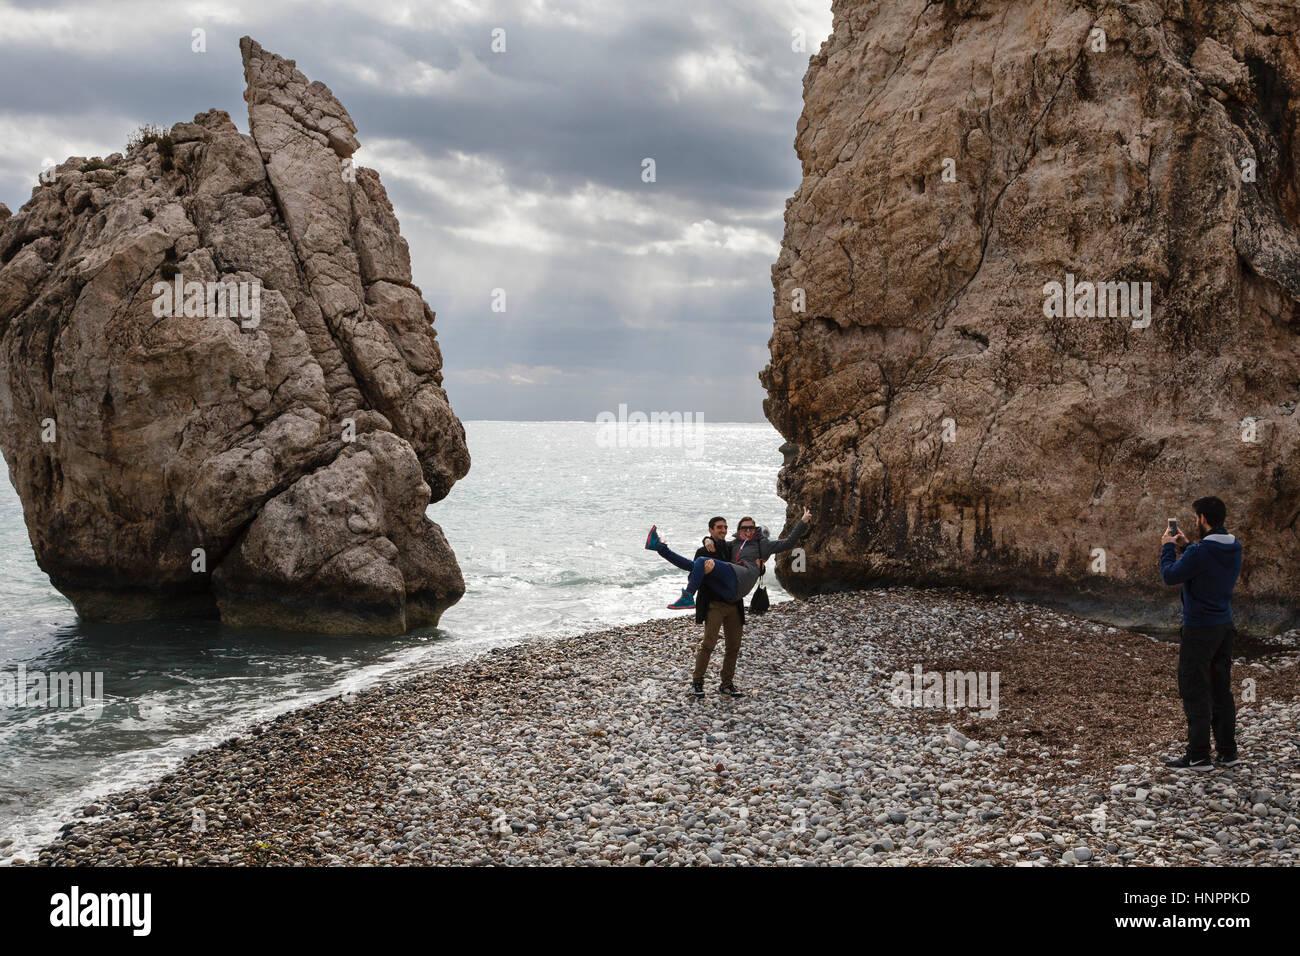 Tourists taking photos at the Birthplace of Aphrodite (Petra tou Romiou), near Paphos, Cyprus - Stock Image